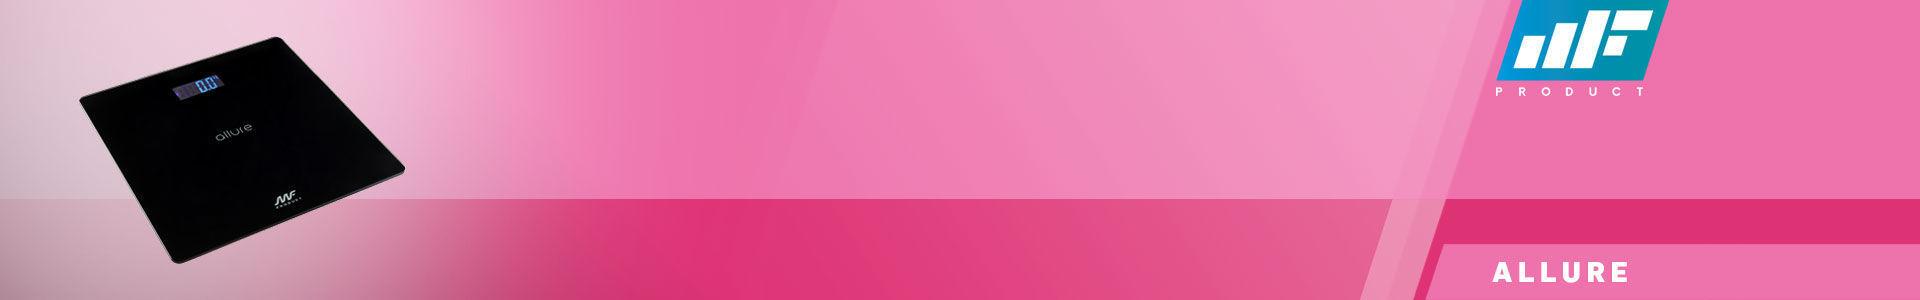 MF Product Allure 0289 Dijital Tartı Siyah için en doğru adrestesin!